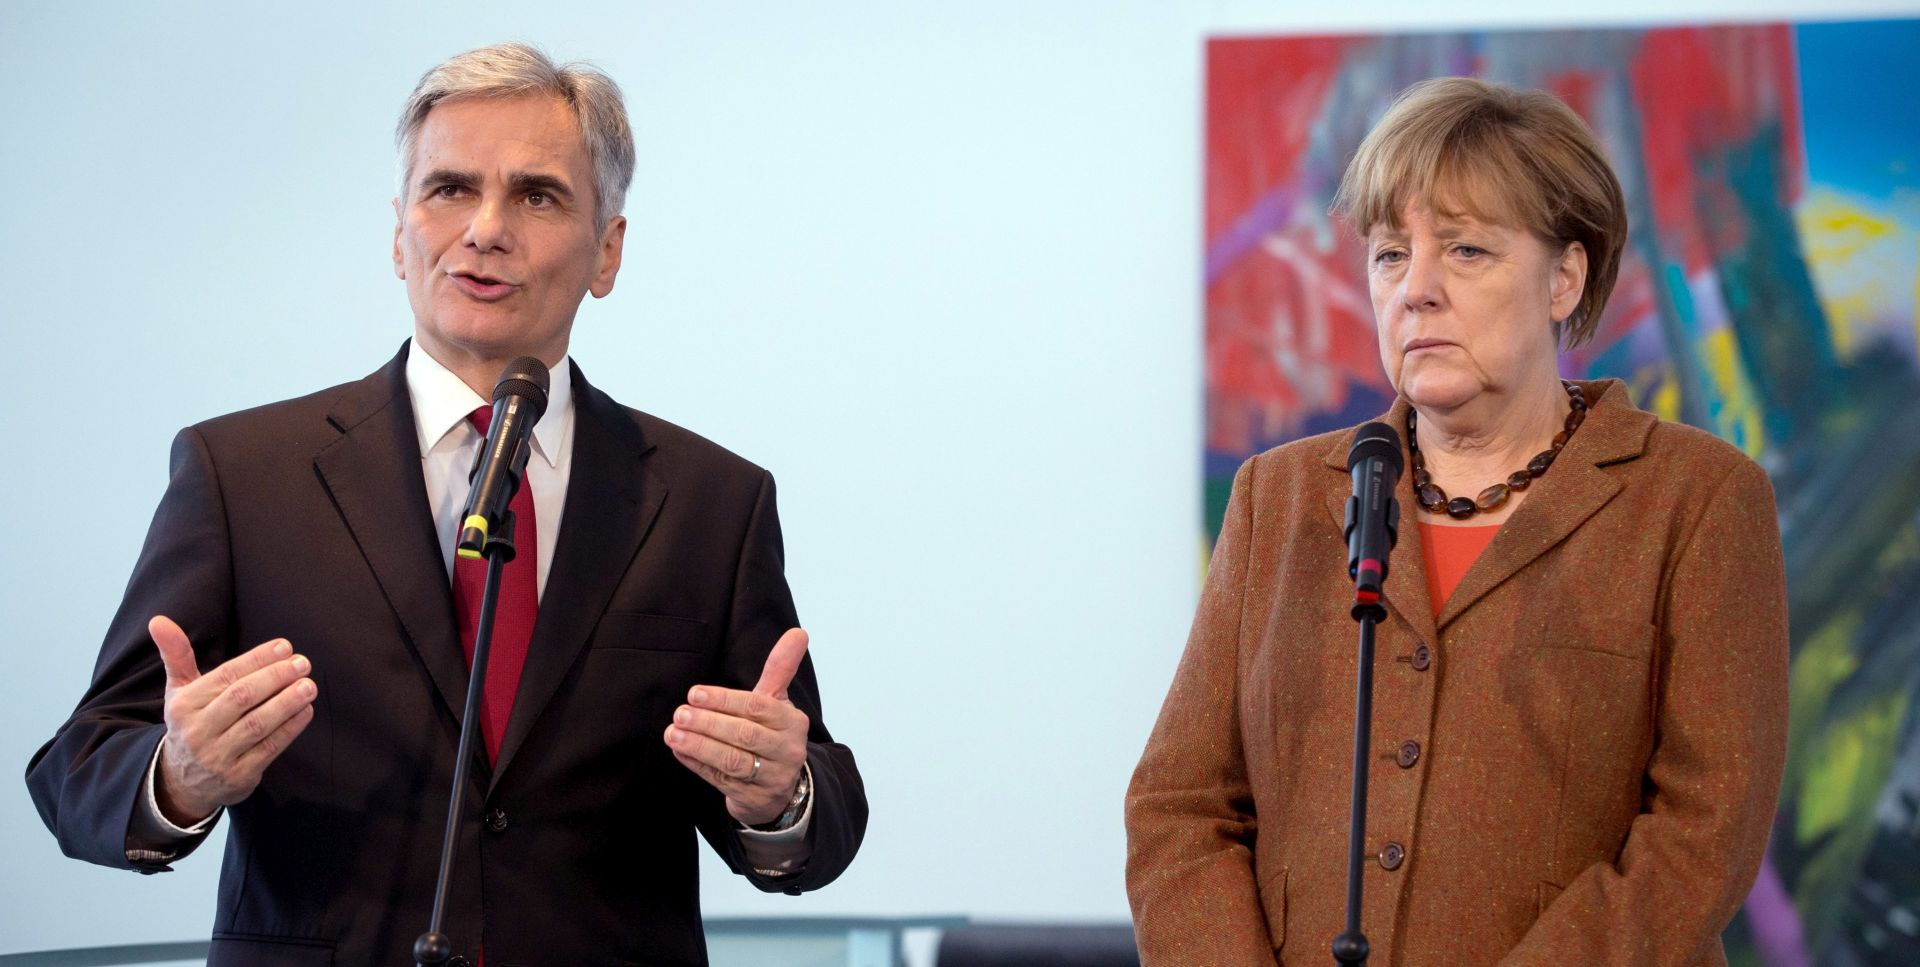 FAYMANN ZAPRIJETIO: Zemljama koje se protive izbjeglicama treba uskratiti sredstva